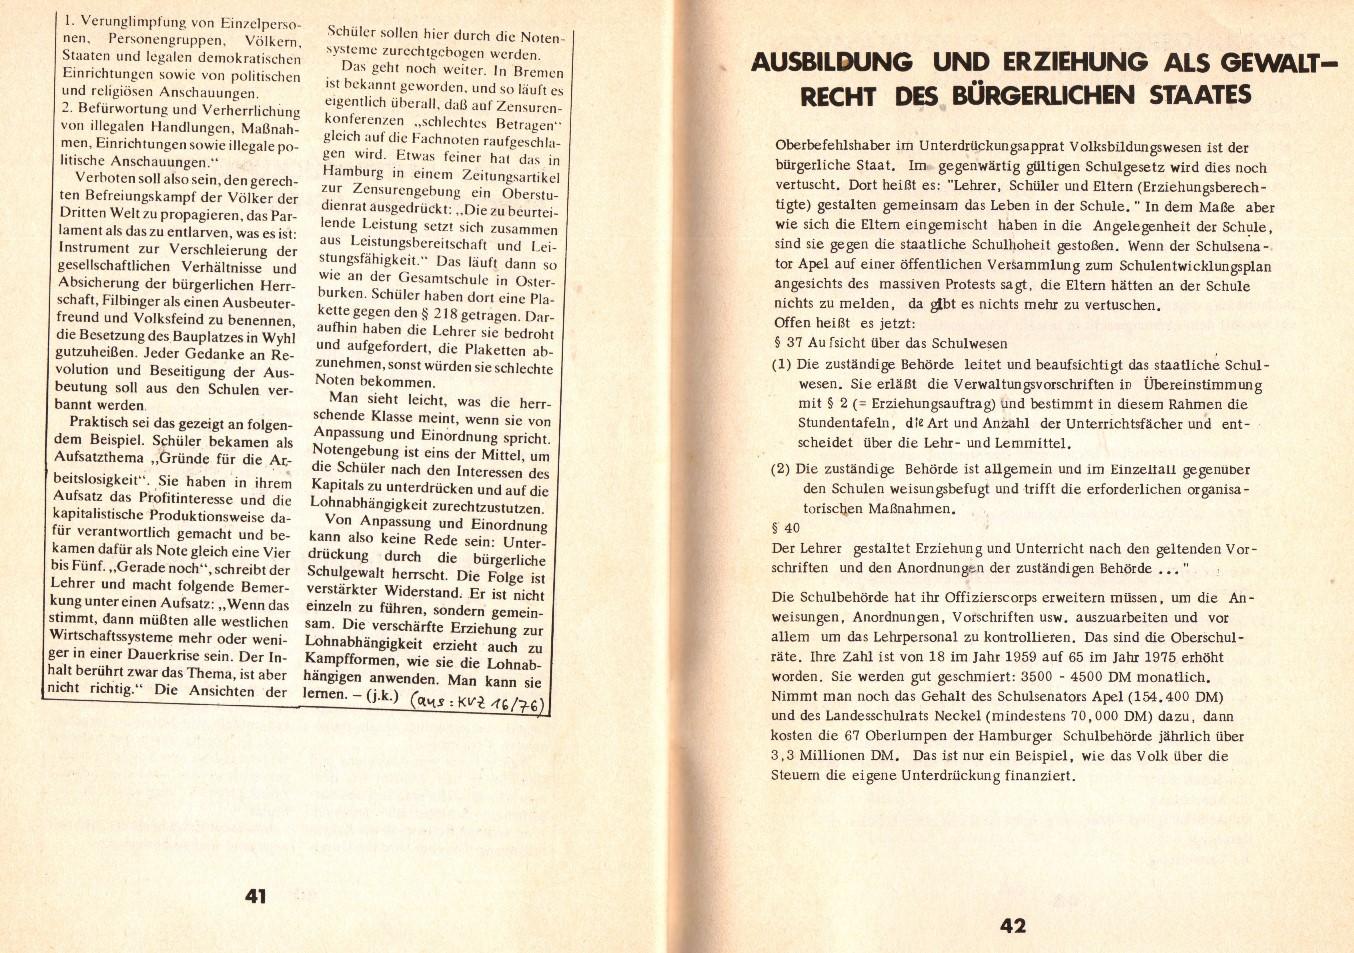 Hamburg_KBW_1976_Das_Schulwesen_seit_1945_23